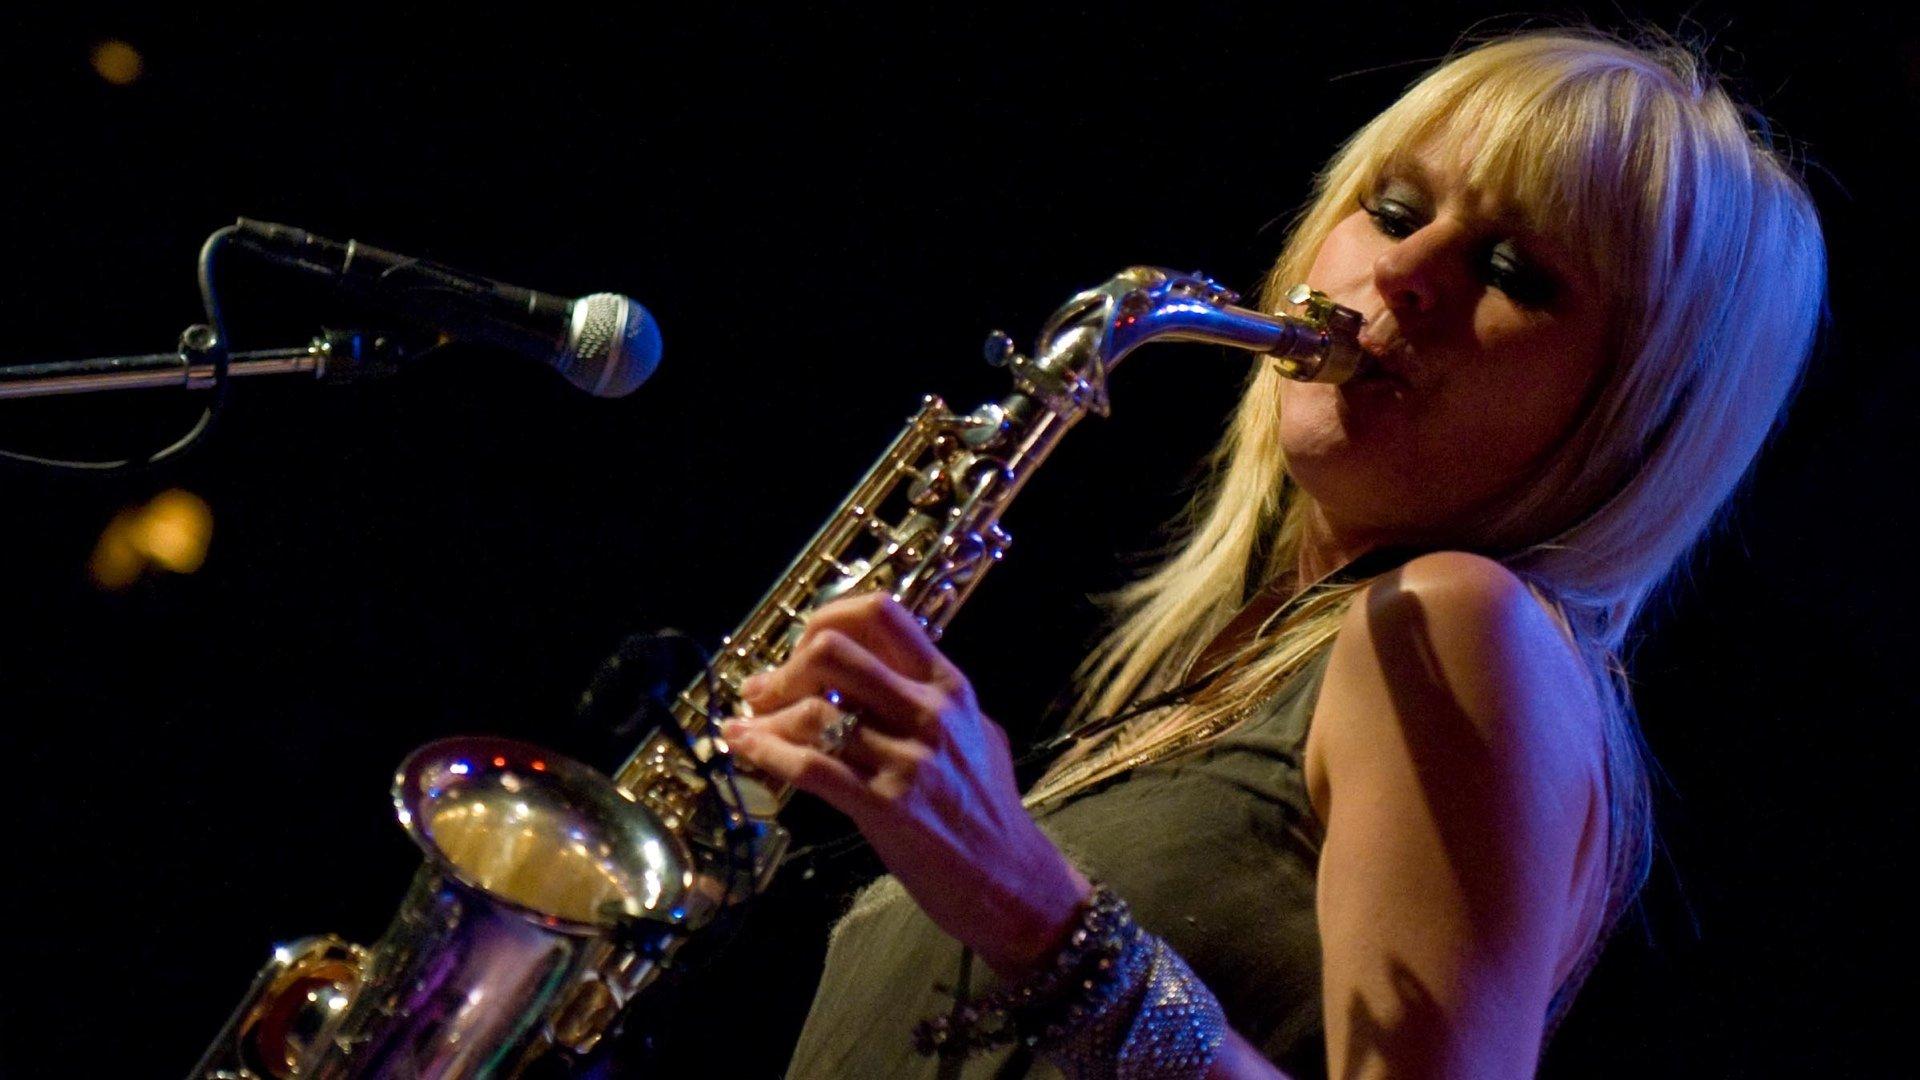 ВПятигорске 17-18ноября состоится конкурс джазовых исполнителей